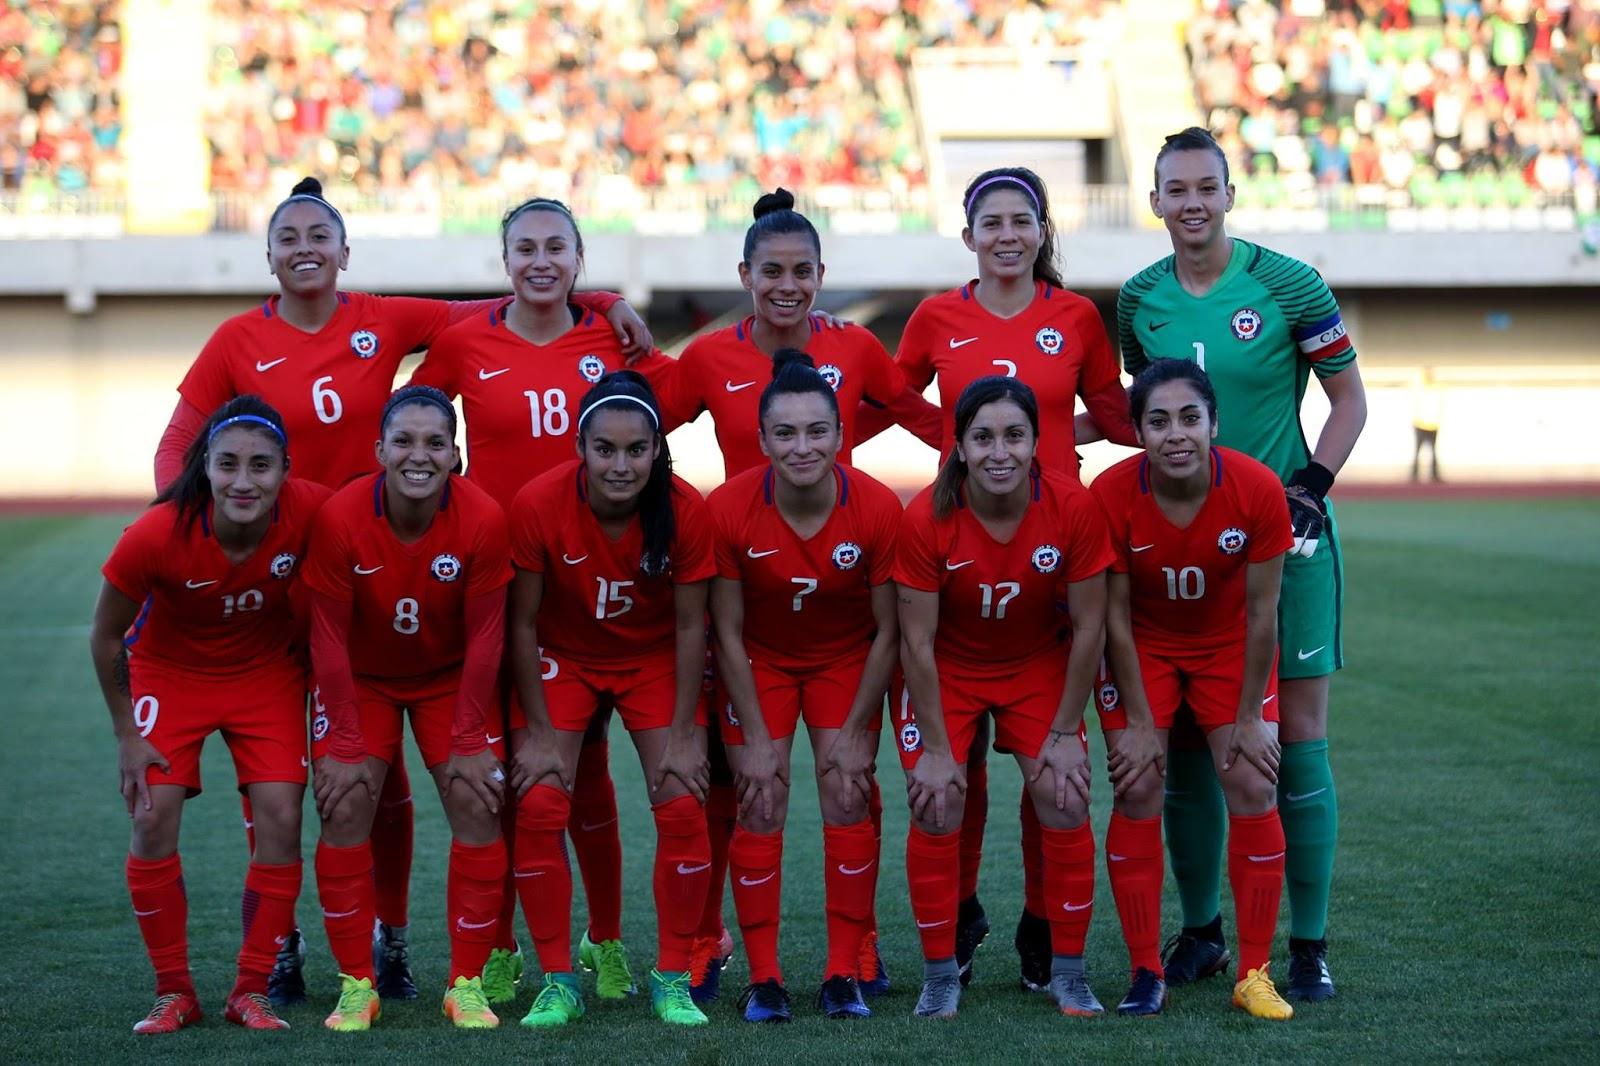 Formación de selección femenina de Chile ante Brasil, amistoso disputado el 25 de noviembre de 2017